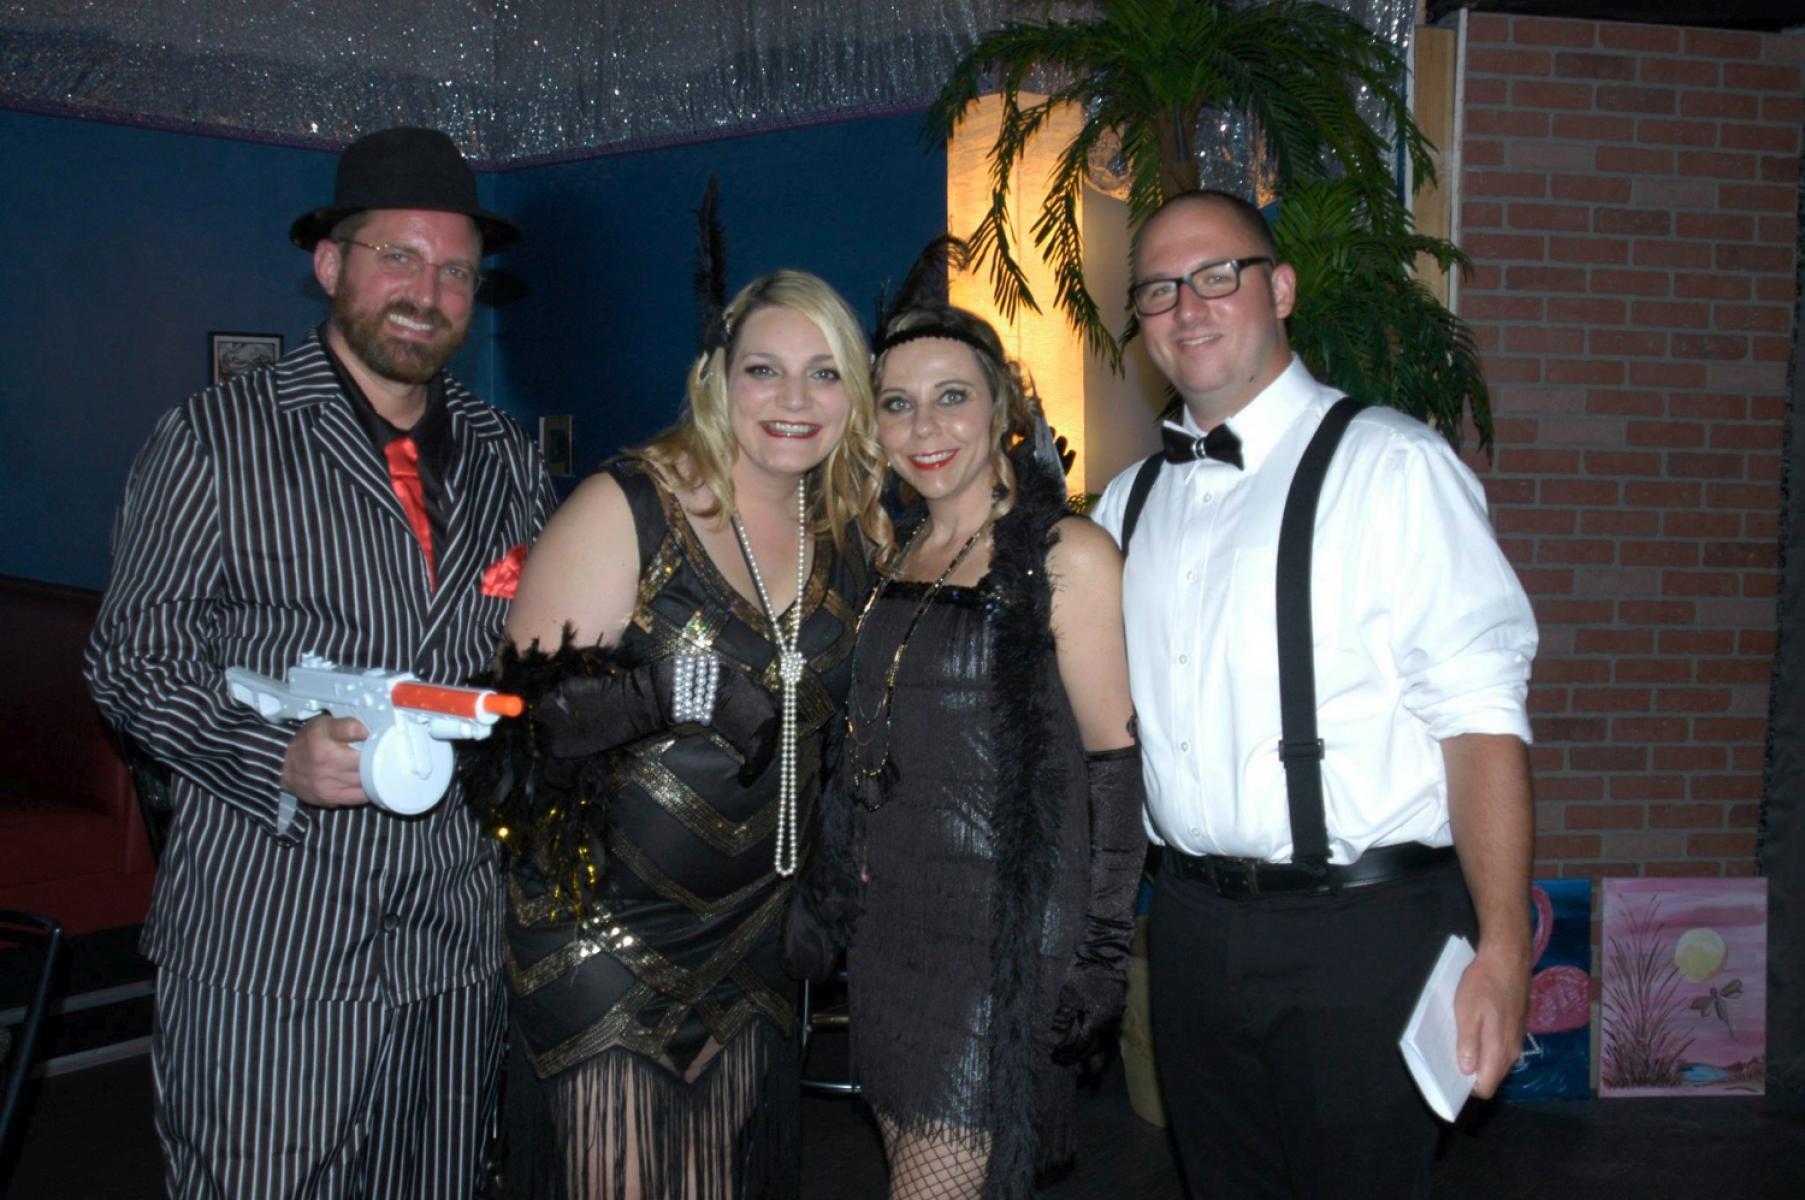 Prohibition Night - Mystery Escape Room Theatre